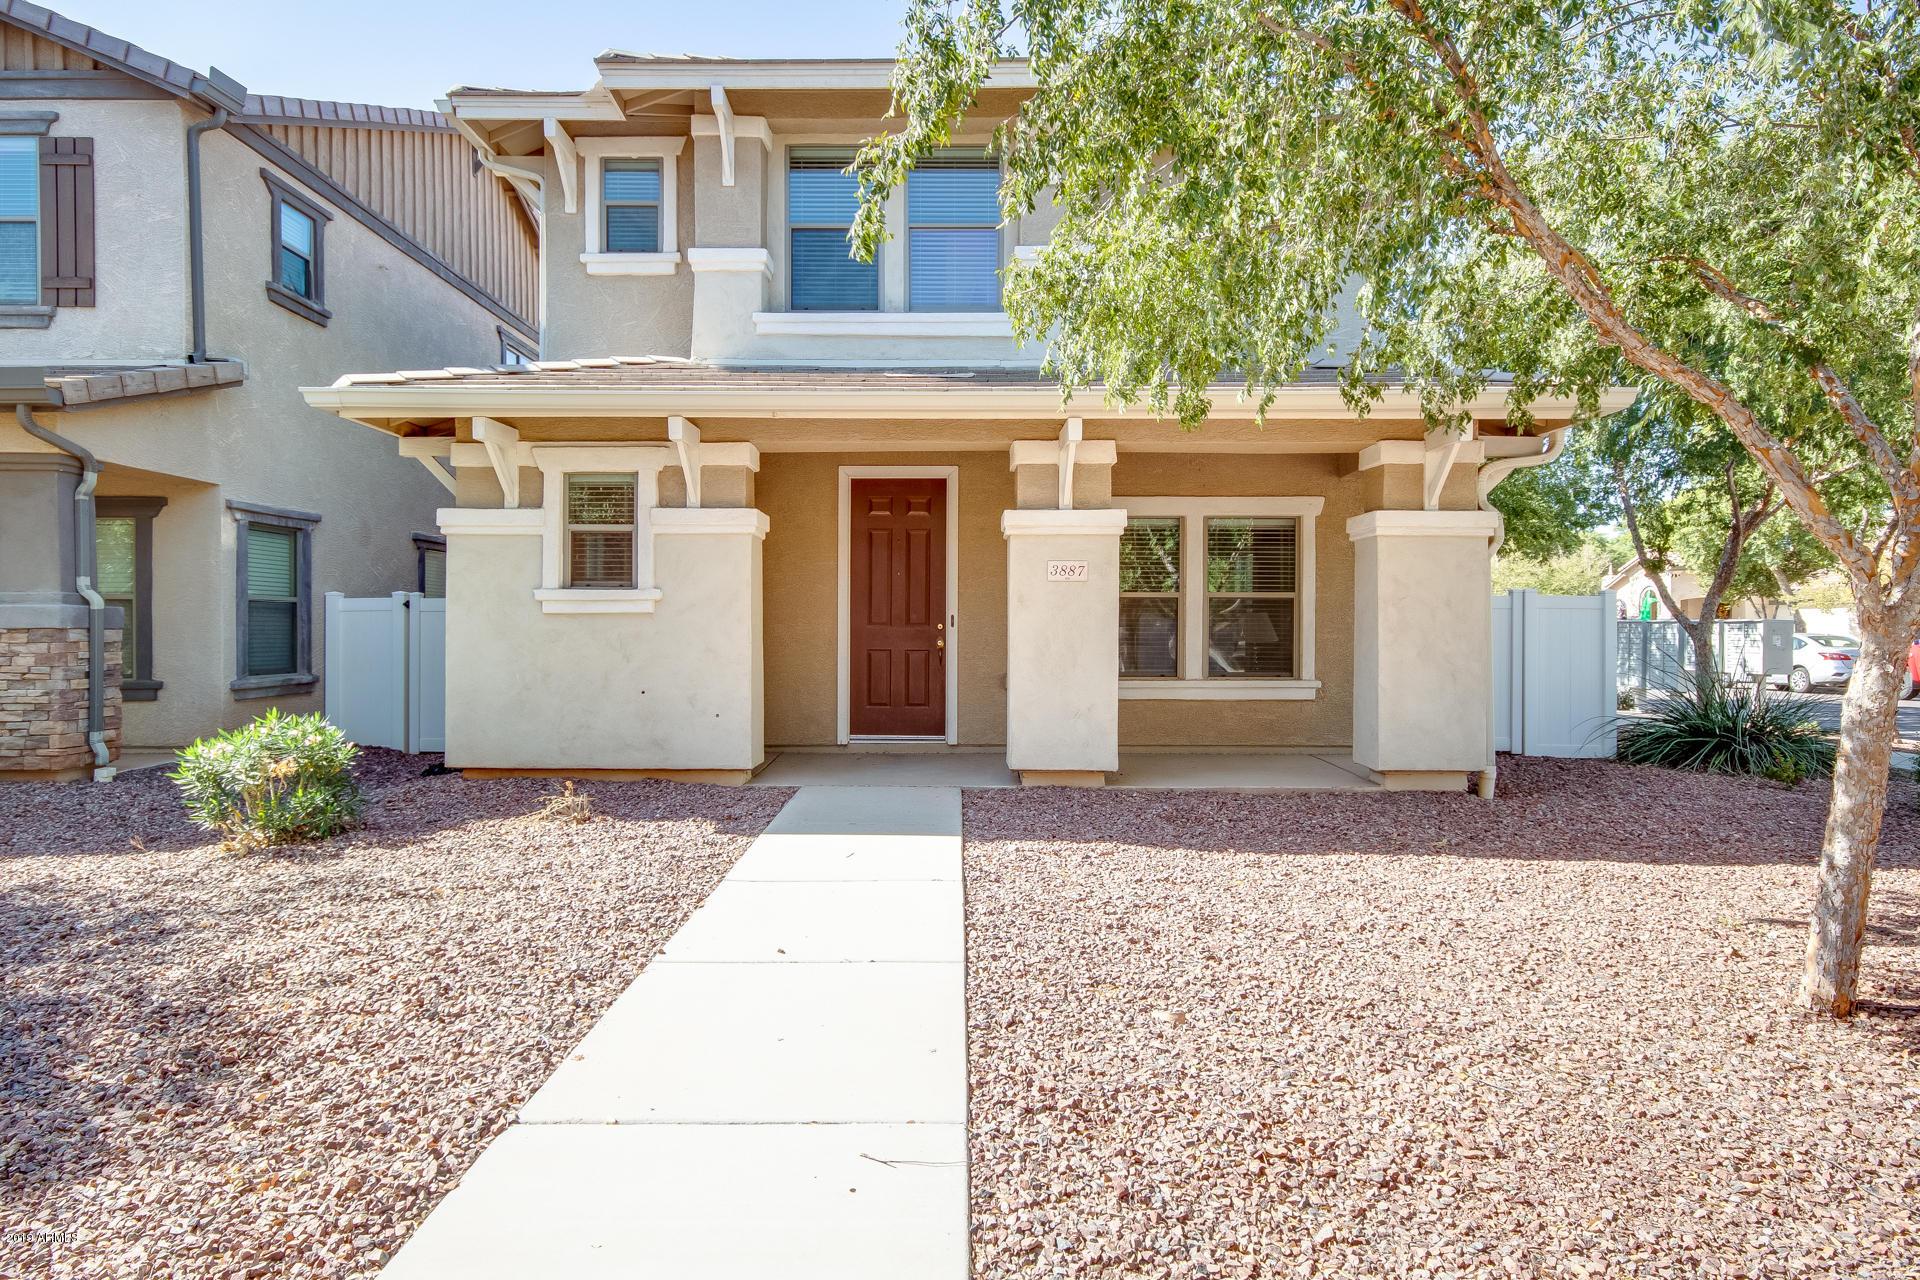 Photo of 3887 E KENT Avenue, Gilbert, AZ 85296